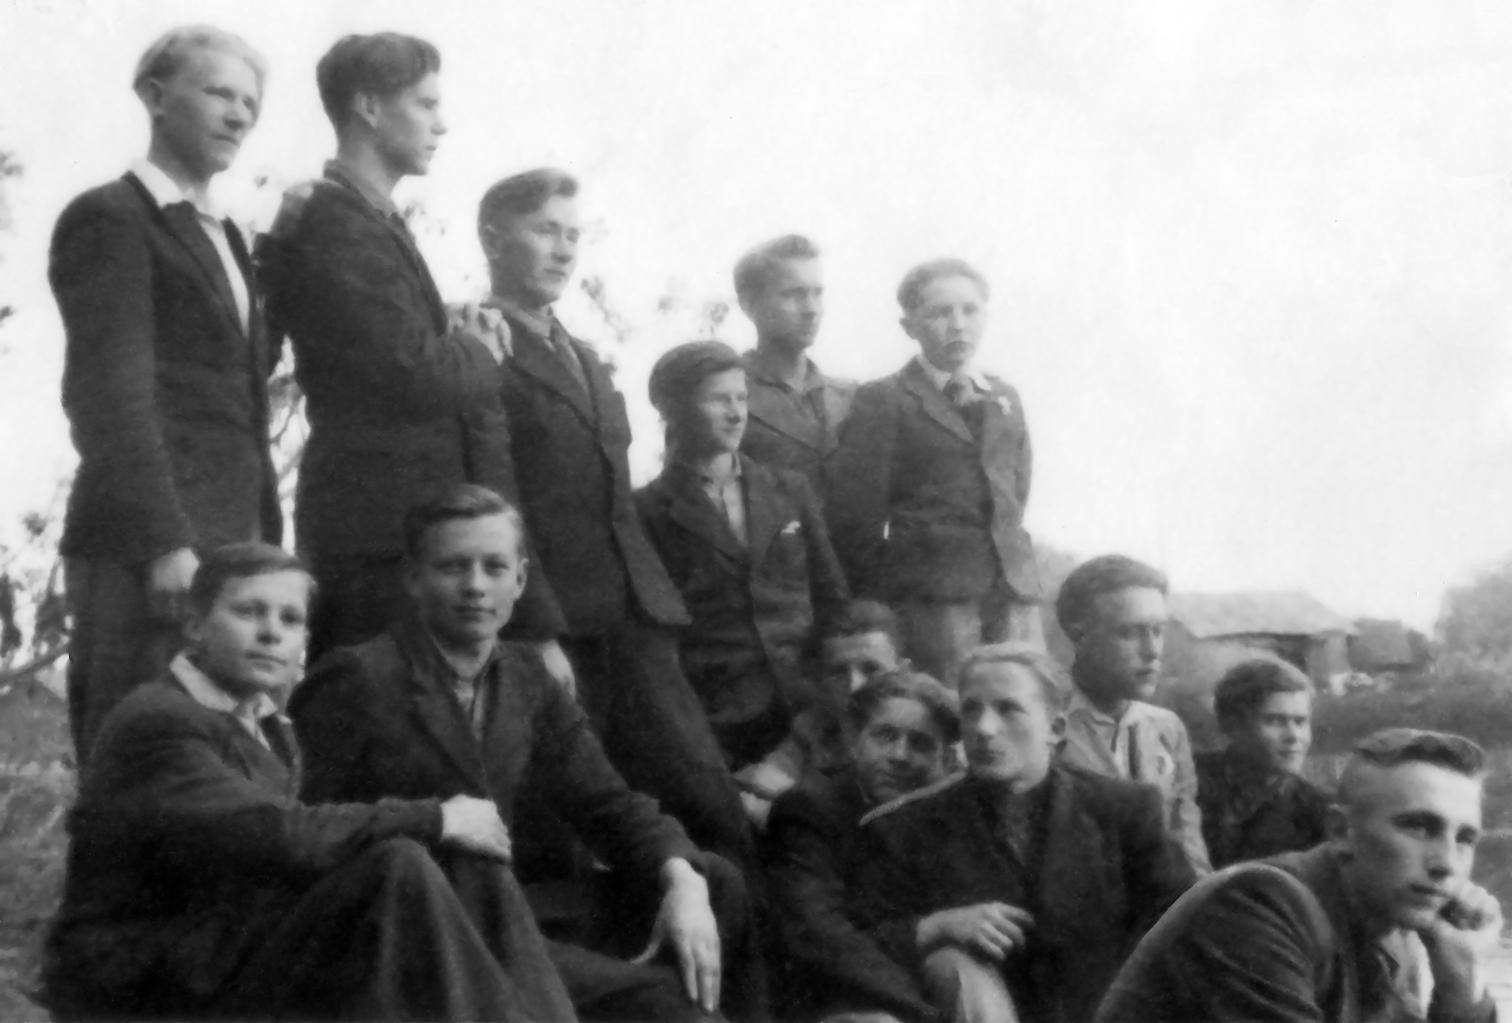 Pasvalio gimnazistai. Pirmoje eilėje pirmas iš kairės sėdi Algimanto Benediktavičiaus   brolis Vytautas Benediktavičius